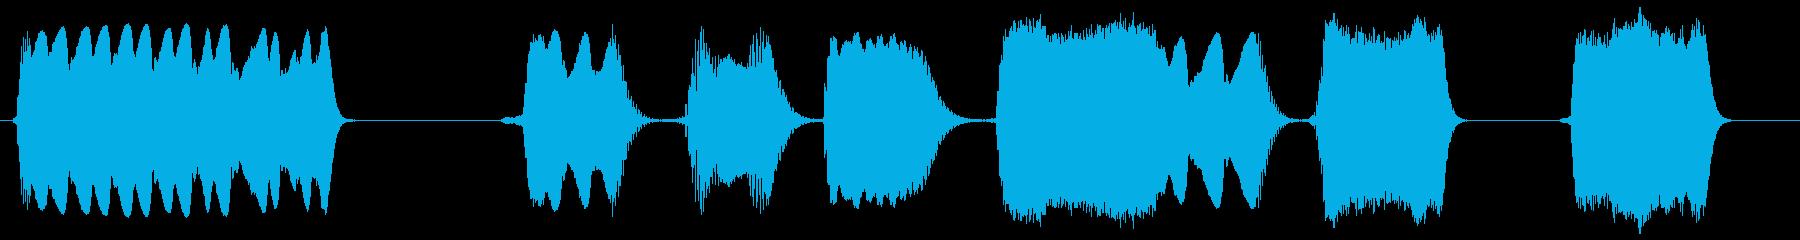 ブロークンスタティックスライススイープ3の再生済みの波形